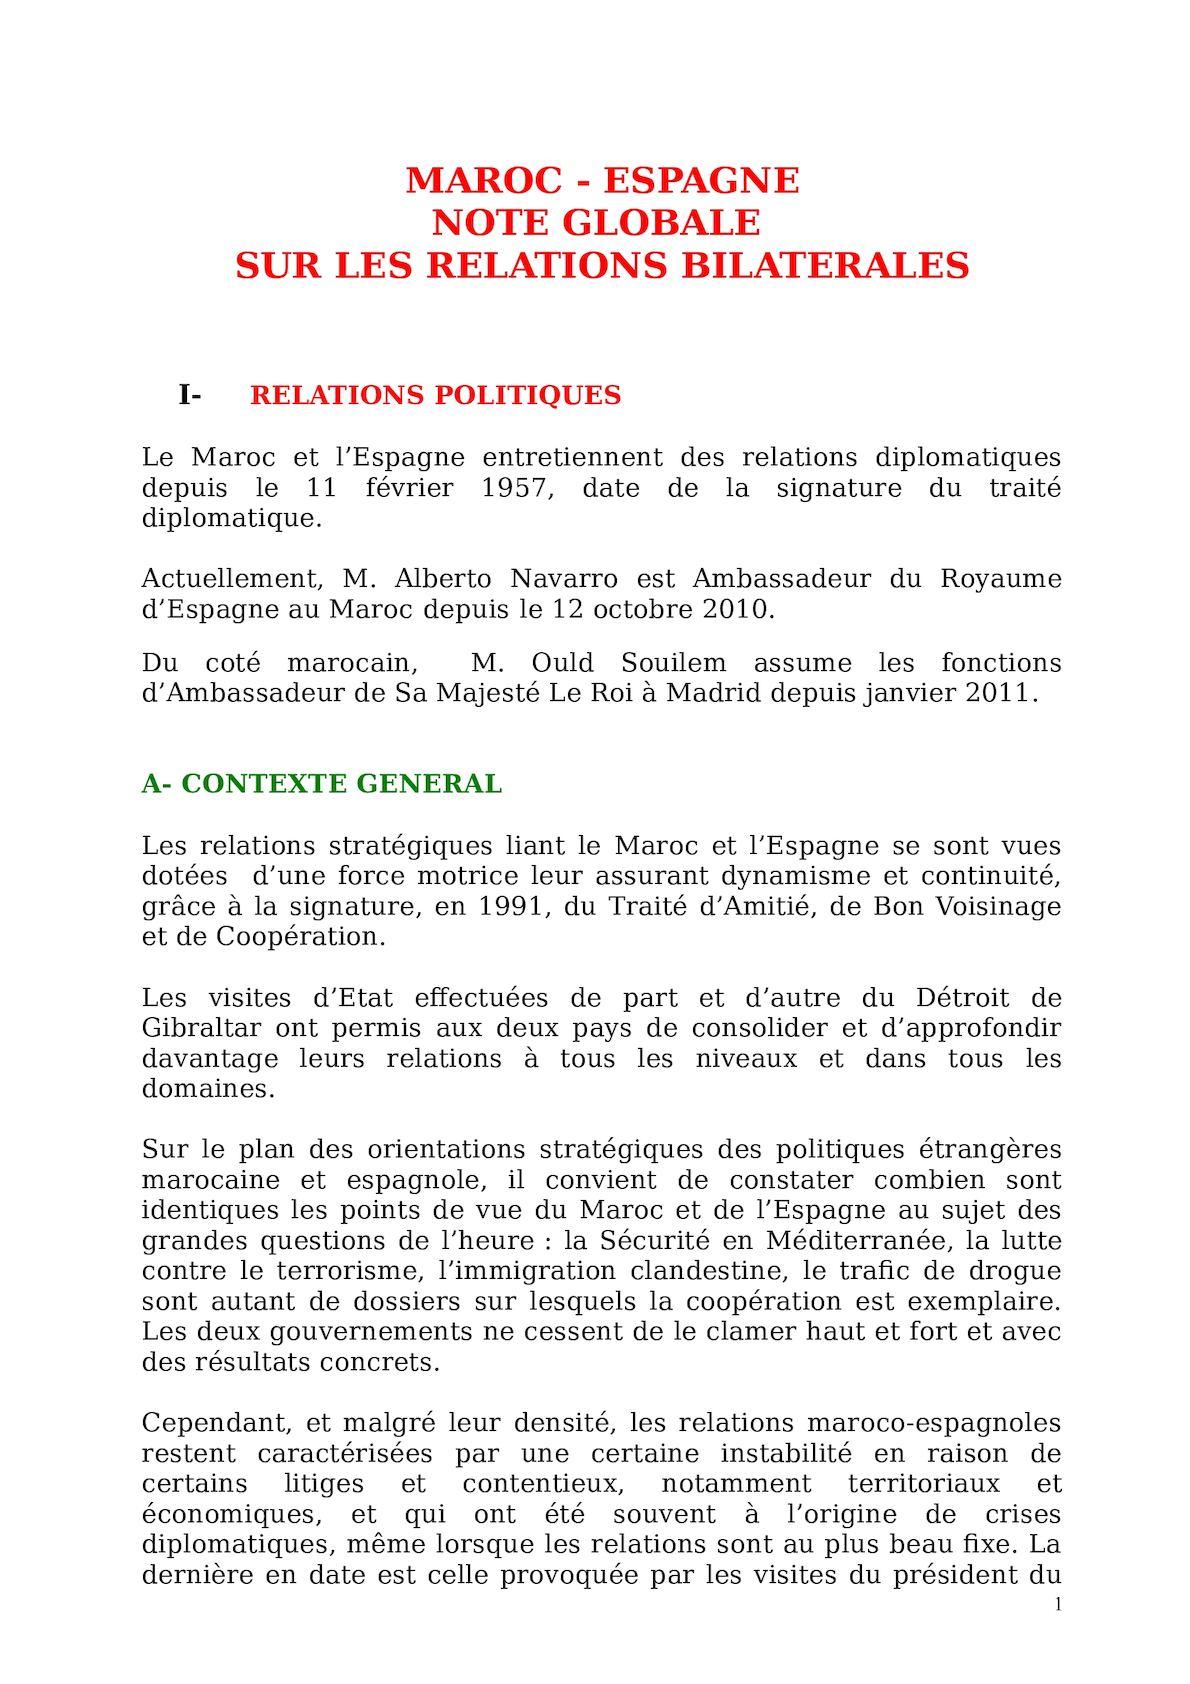 Note Espagne G Version Janvier 2011 Bonne